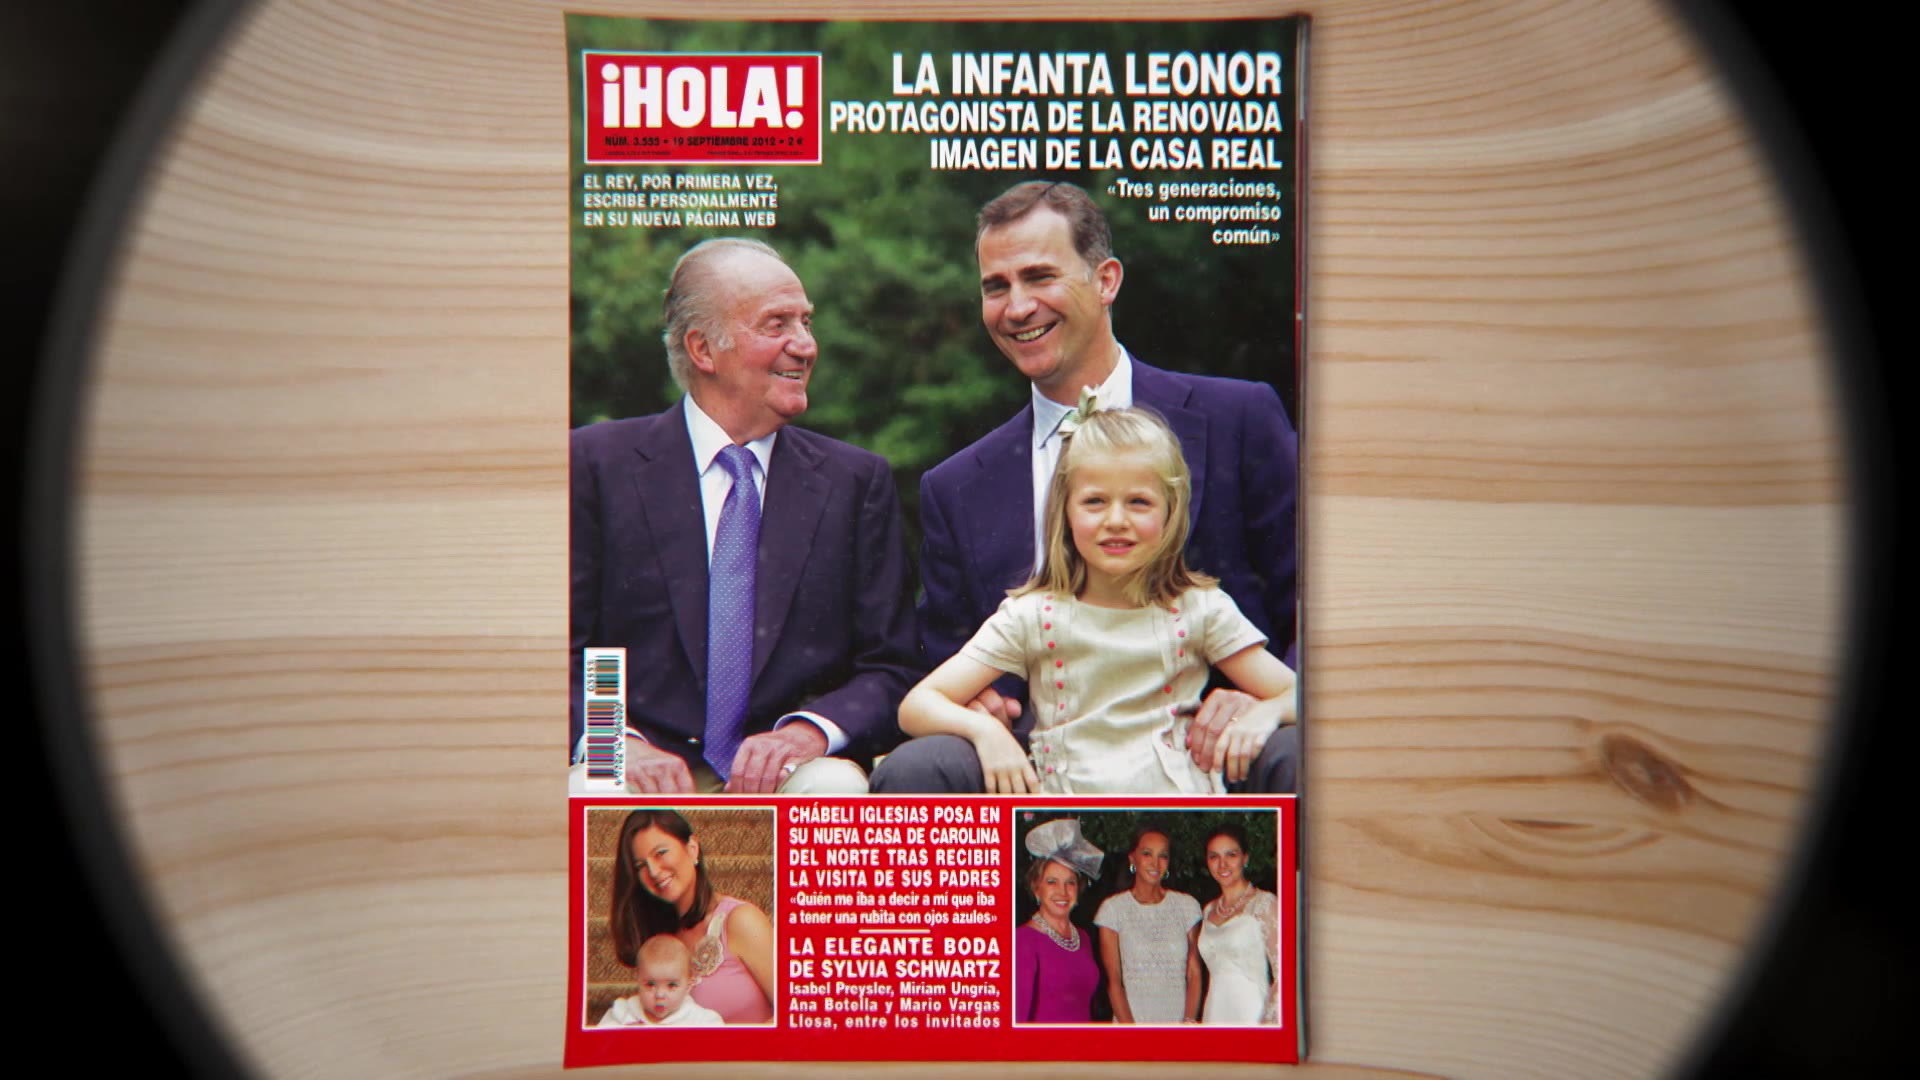 Juan Carlos I, 40 años de reinado portada a portada